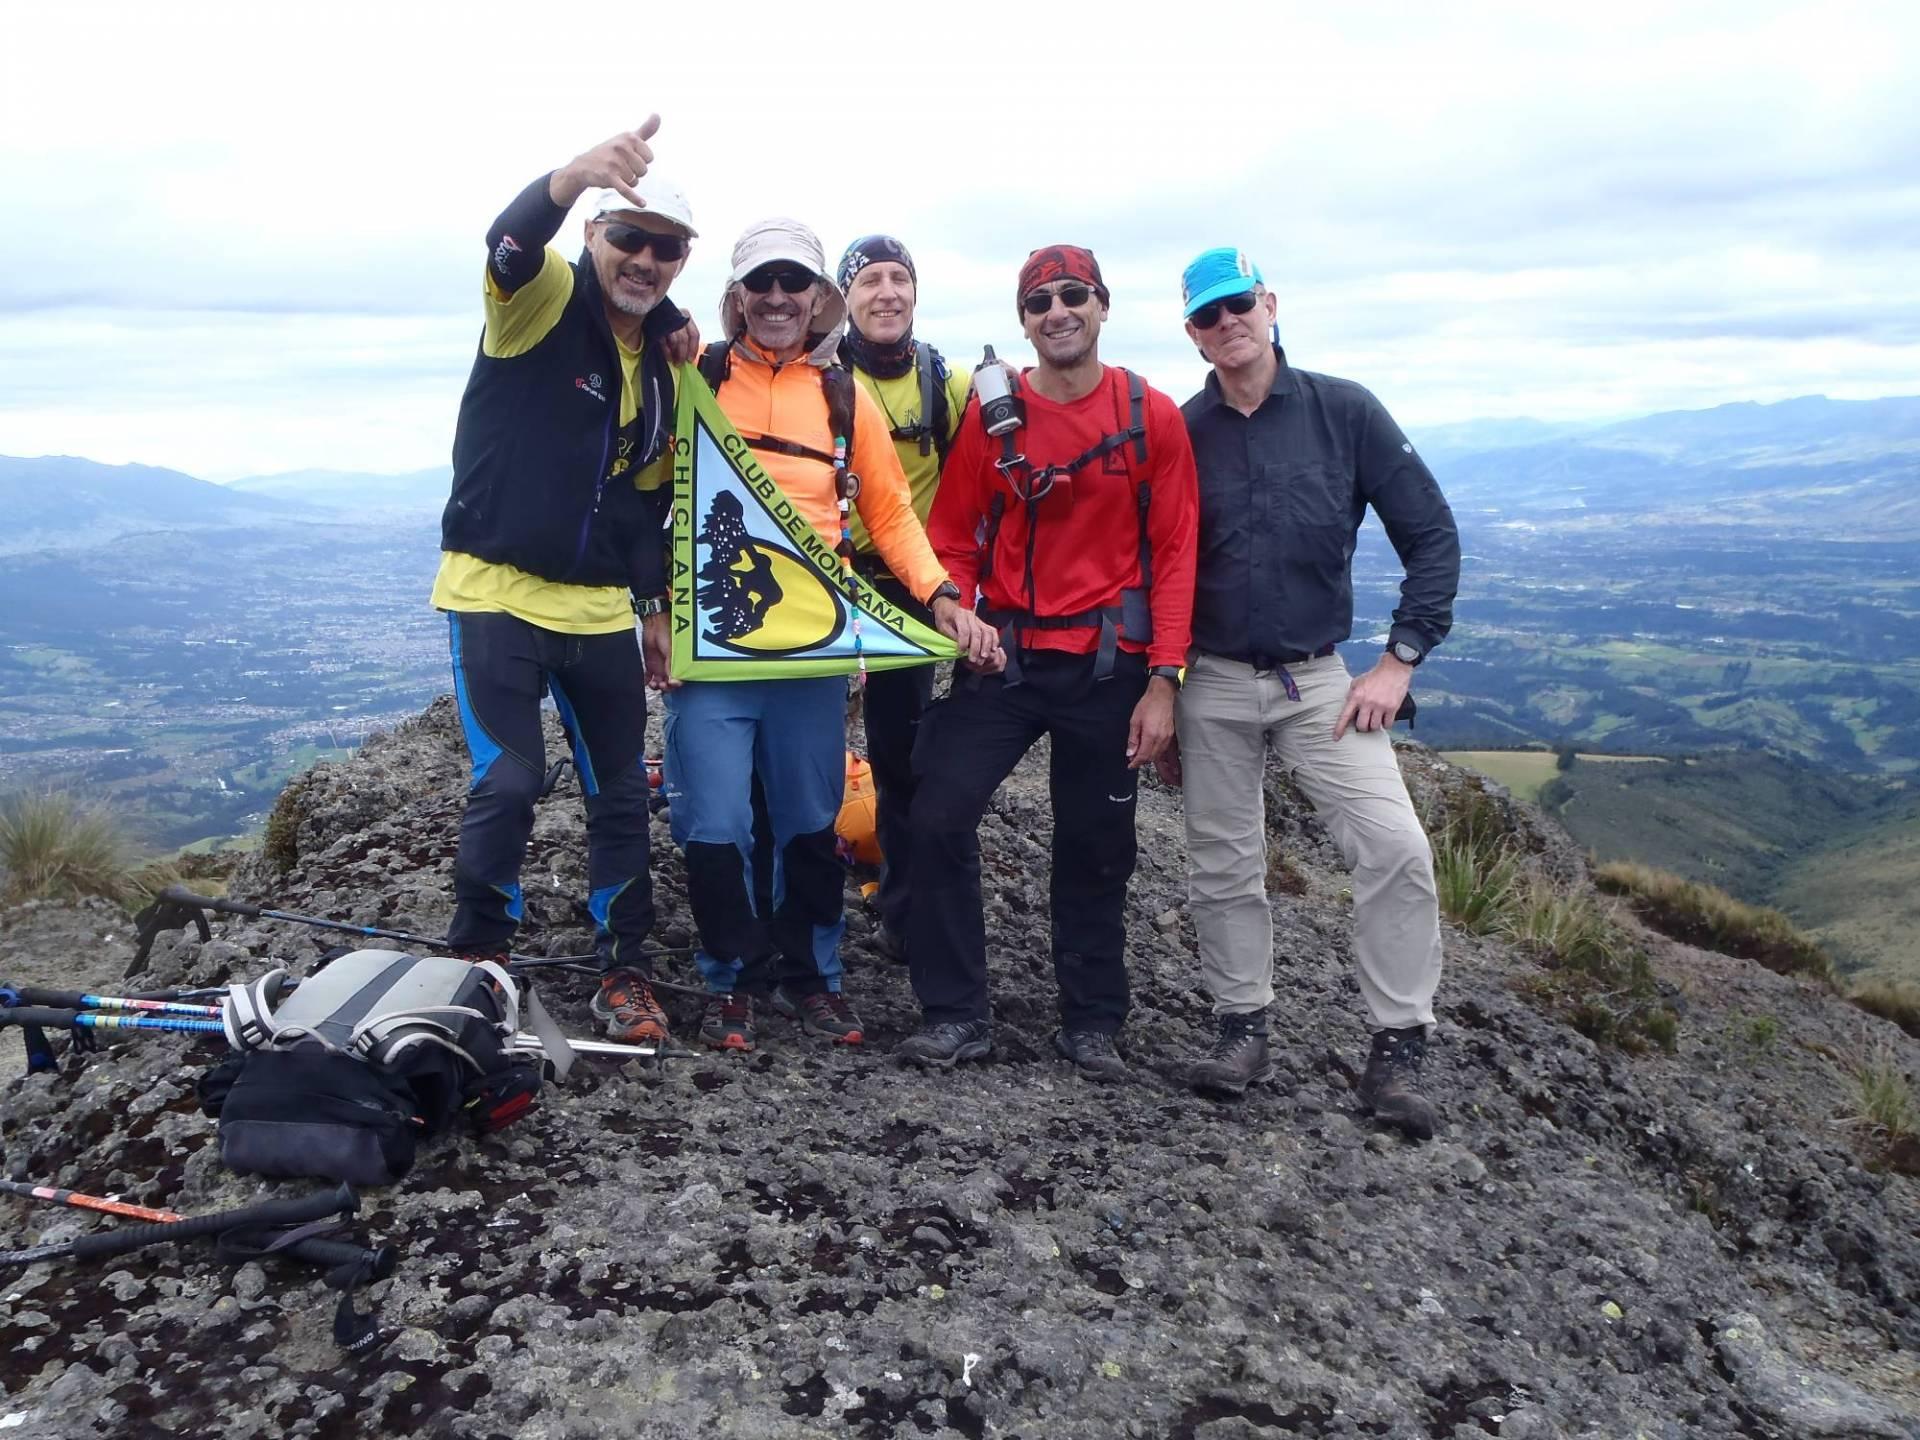 Ecuador Reisen Bergsteigen - Gemeinsam auf den Berg